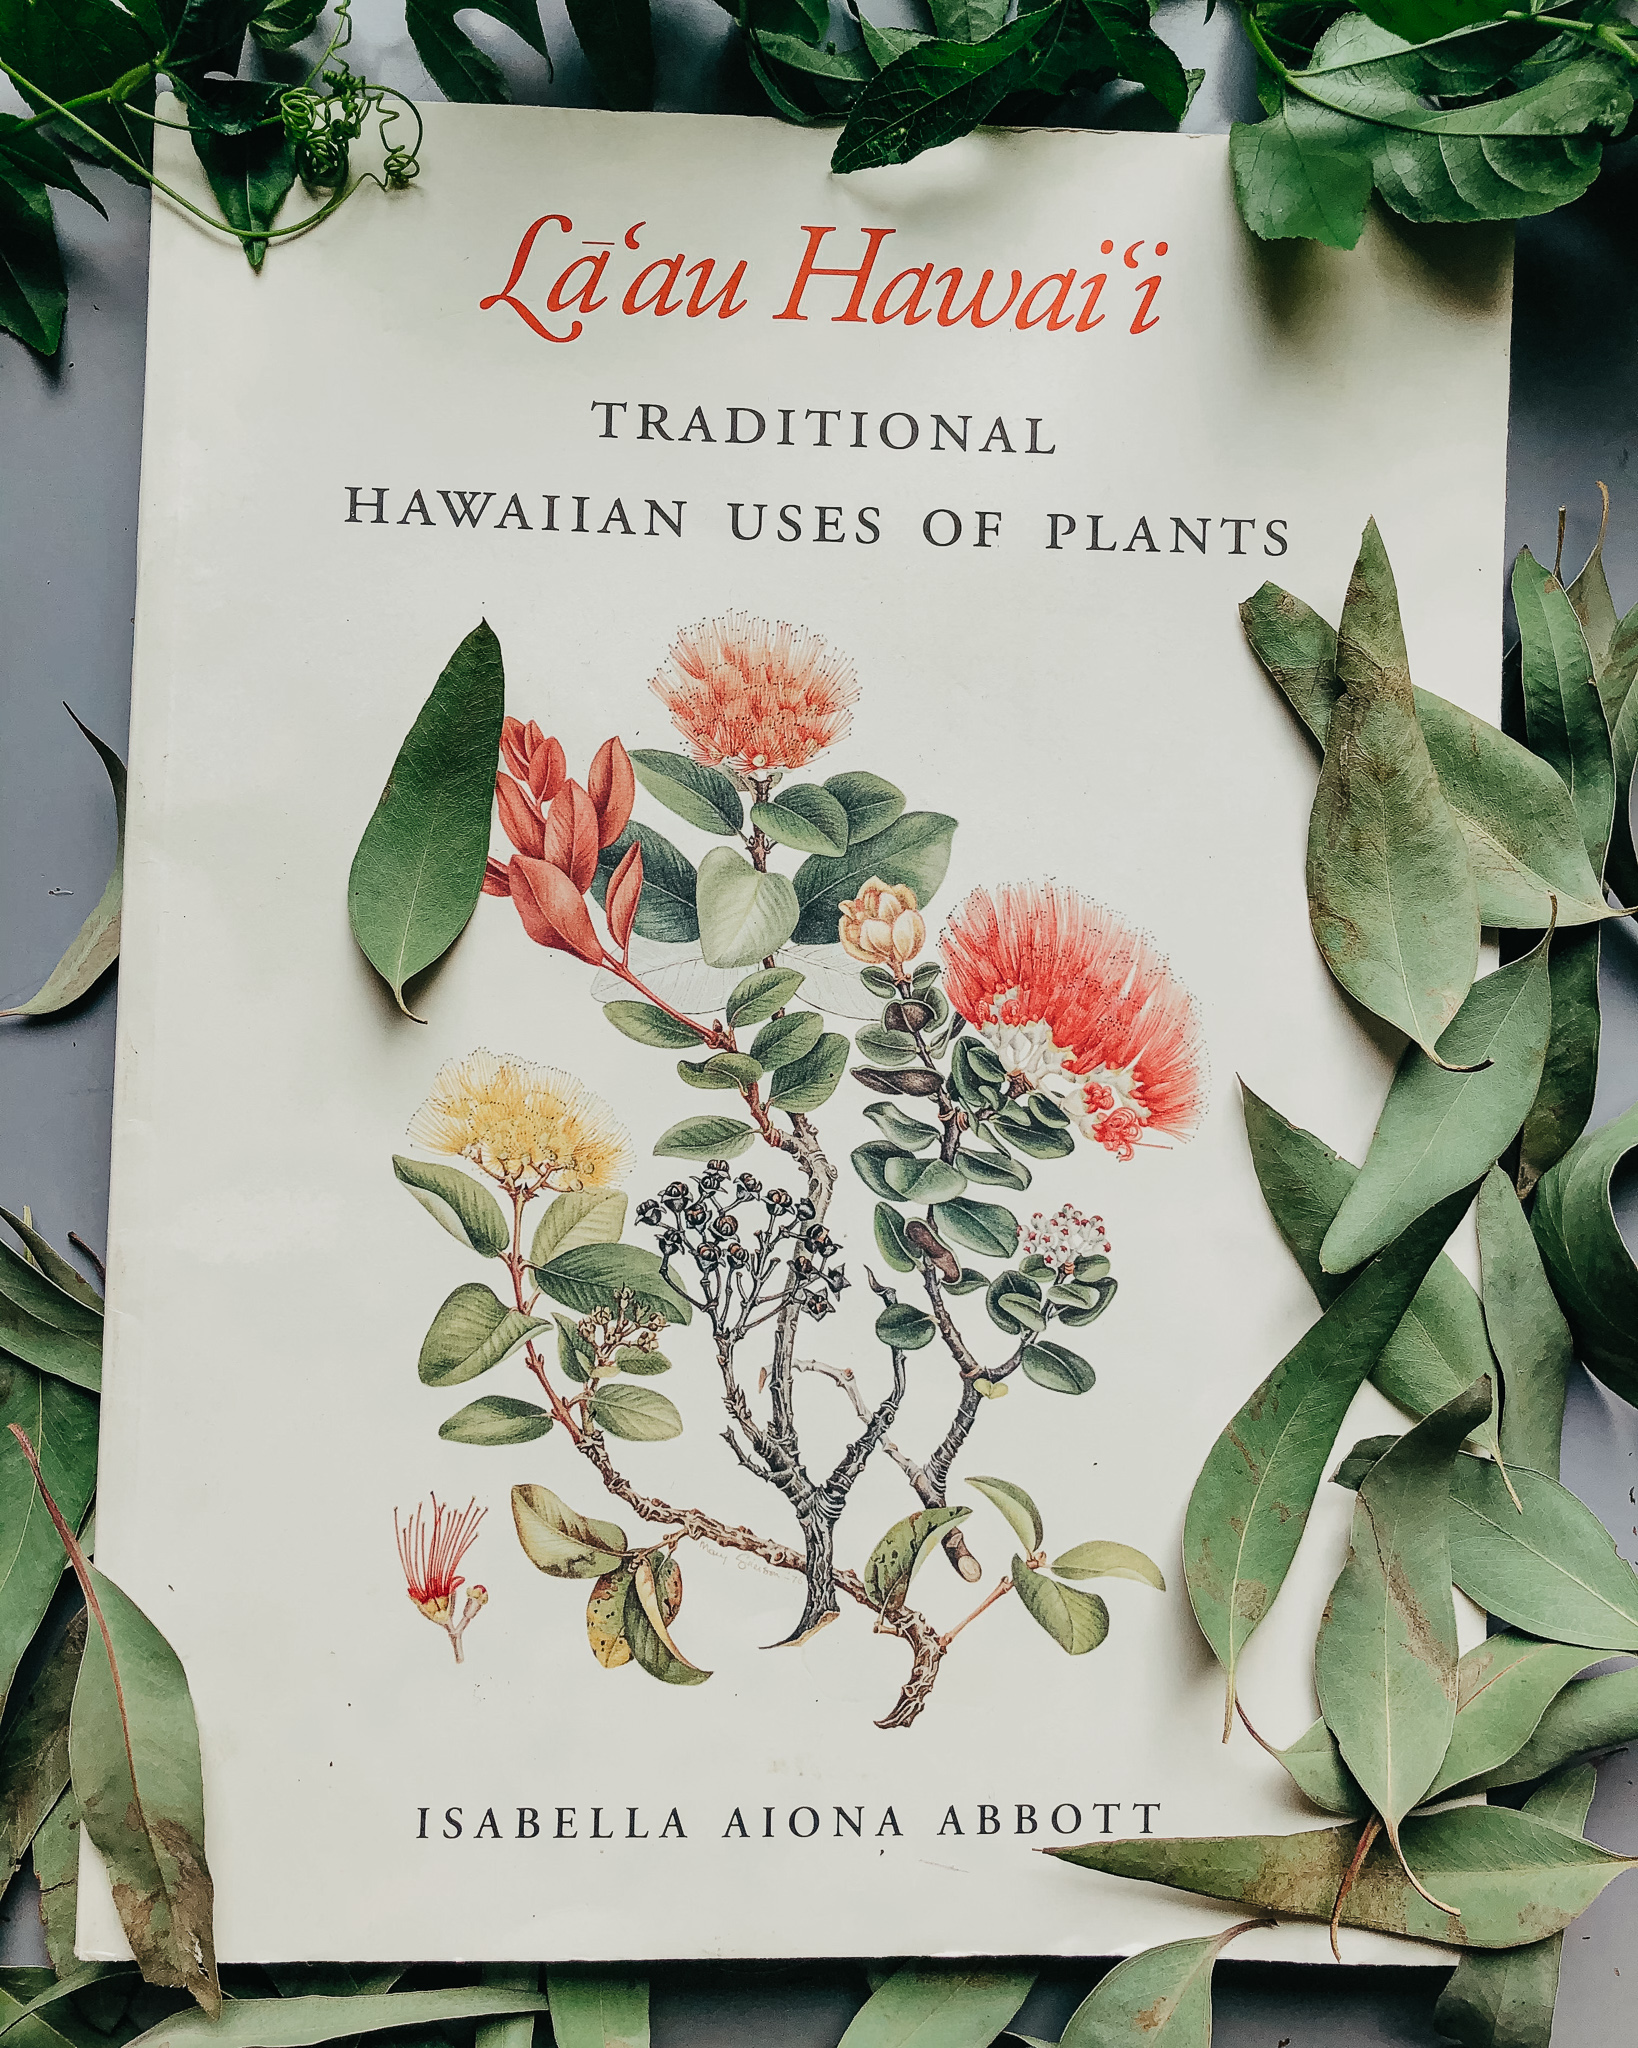 La'au Hawaii -Traditional Hawaiian Uses of Plants book